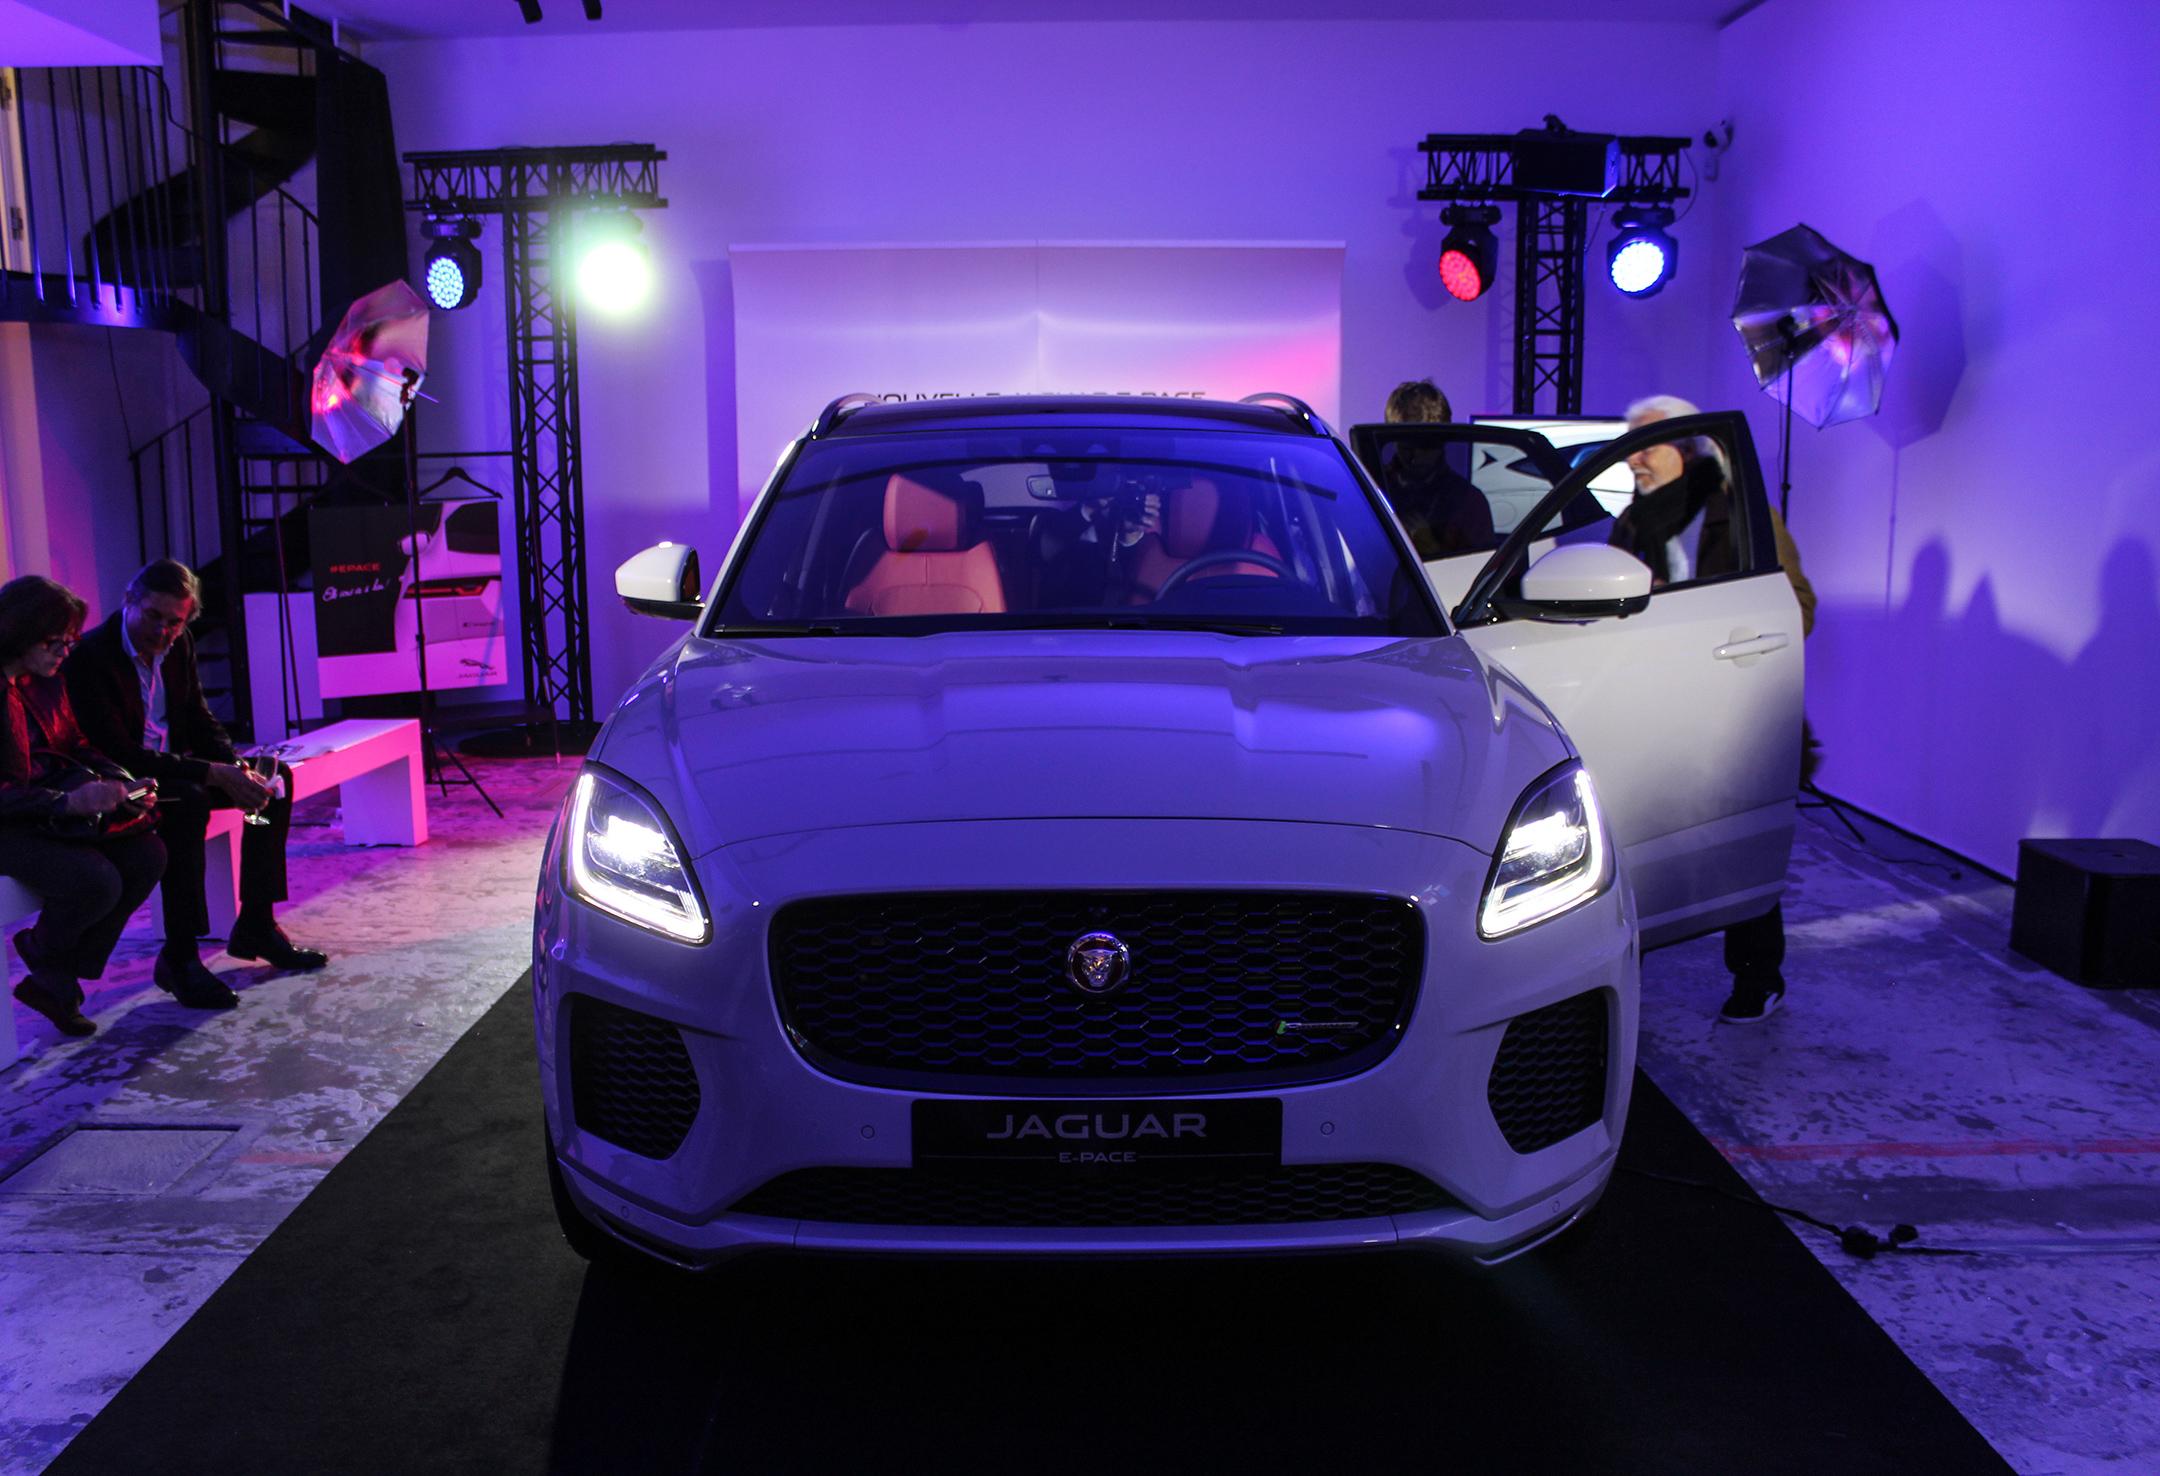 Jaguar E-PACE - 2017 - front - avant-première Jaguar France - photo by Arnaud Demasier RS Photographie